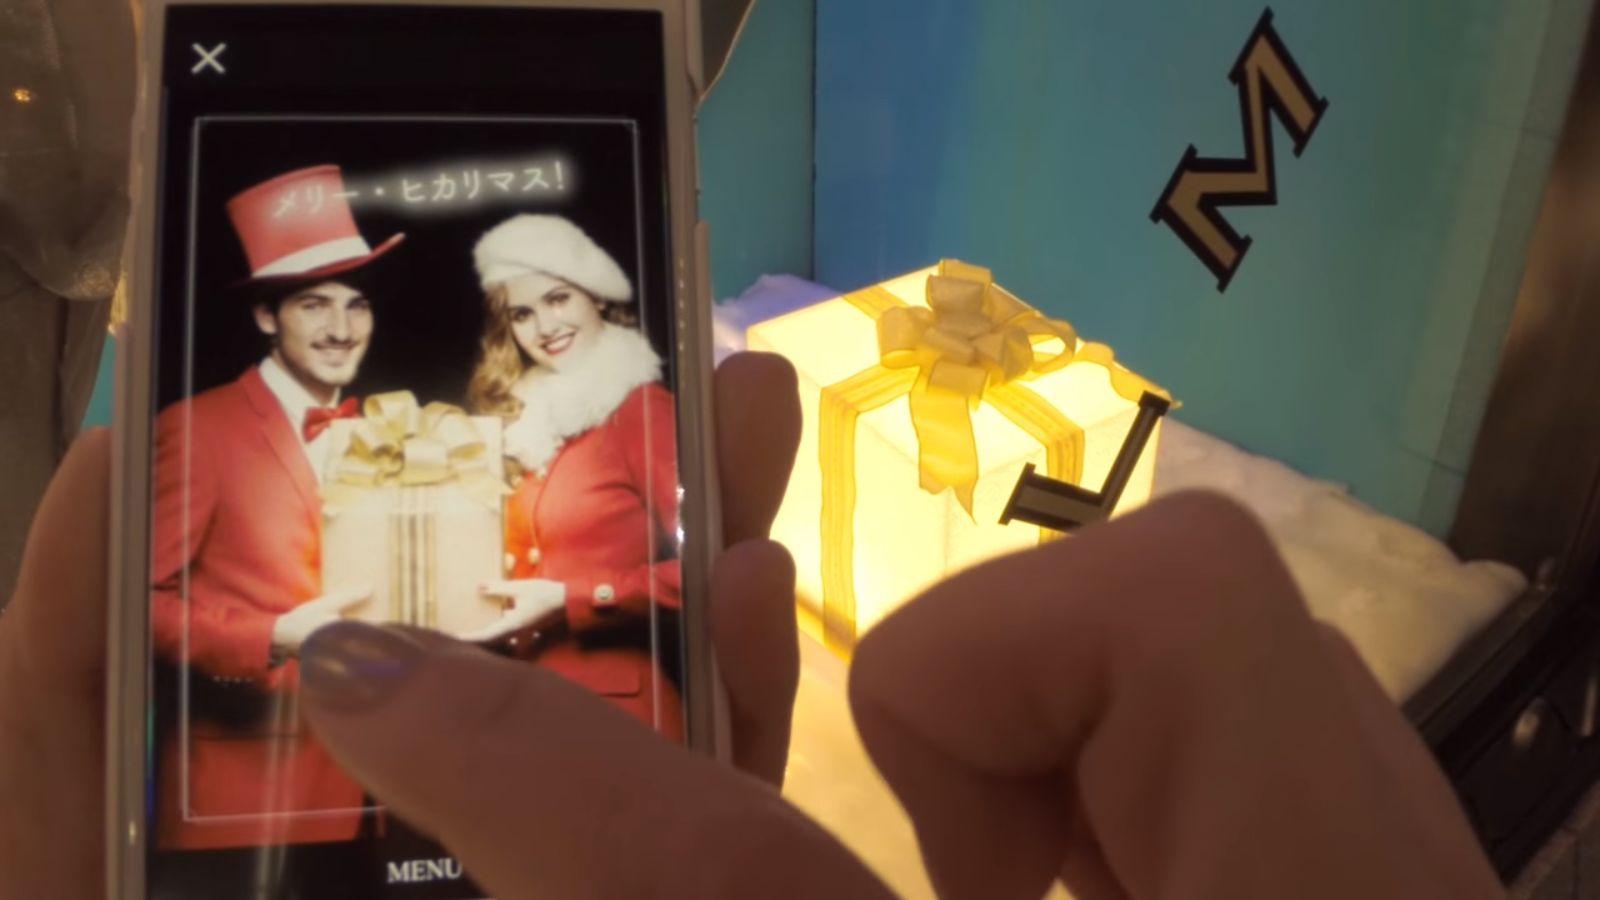 ヒカリが情報を届ける!「光ID」技術を用いた世界初の体験イベント「ヒカリで銀ぶら」レポート